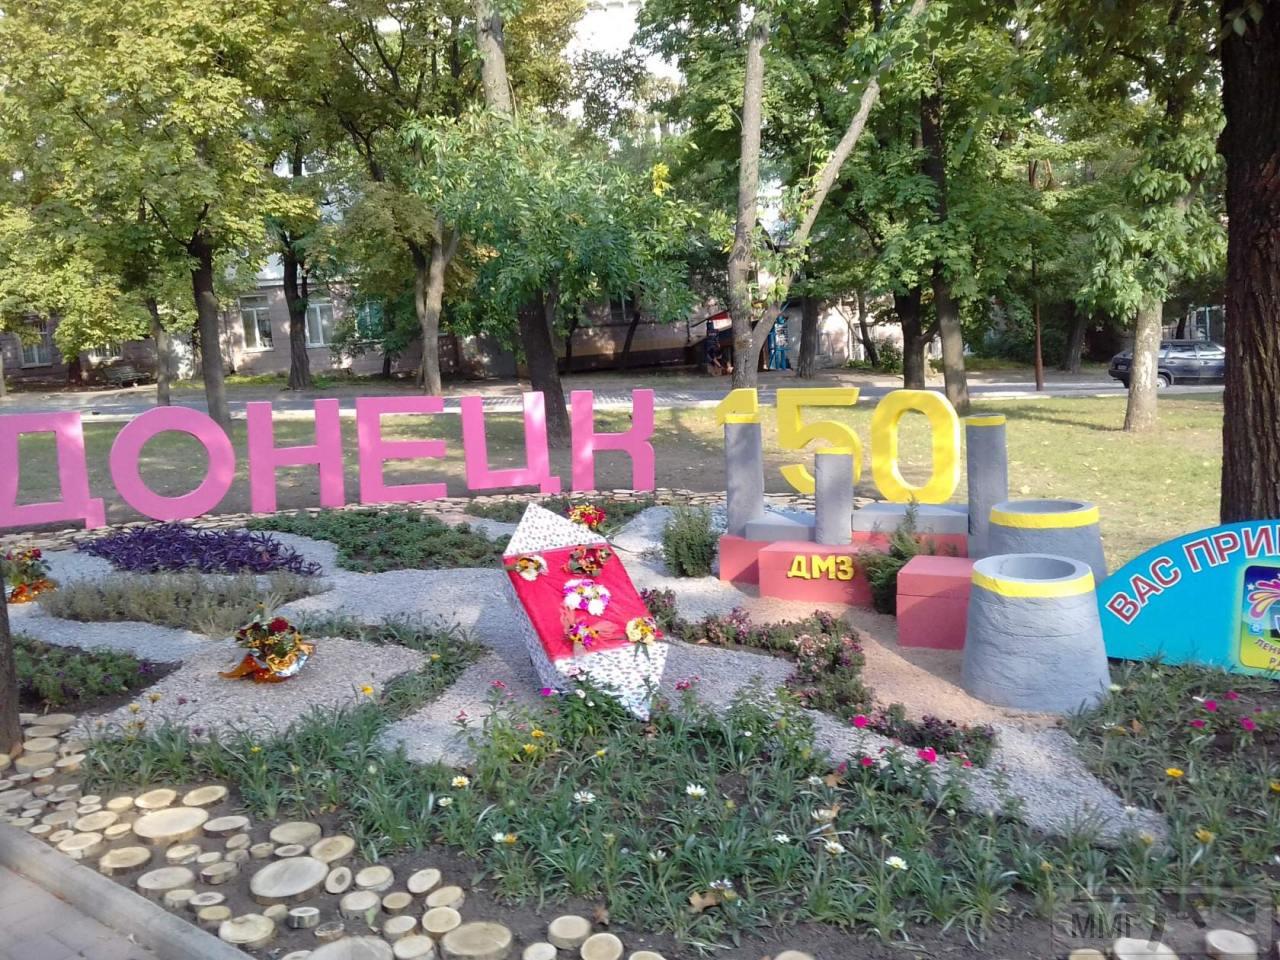 74199 - Оккупированная Украина в фотографиях (2014-...)